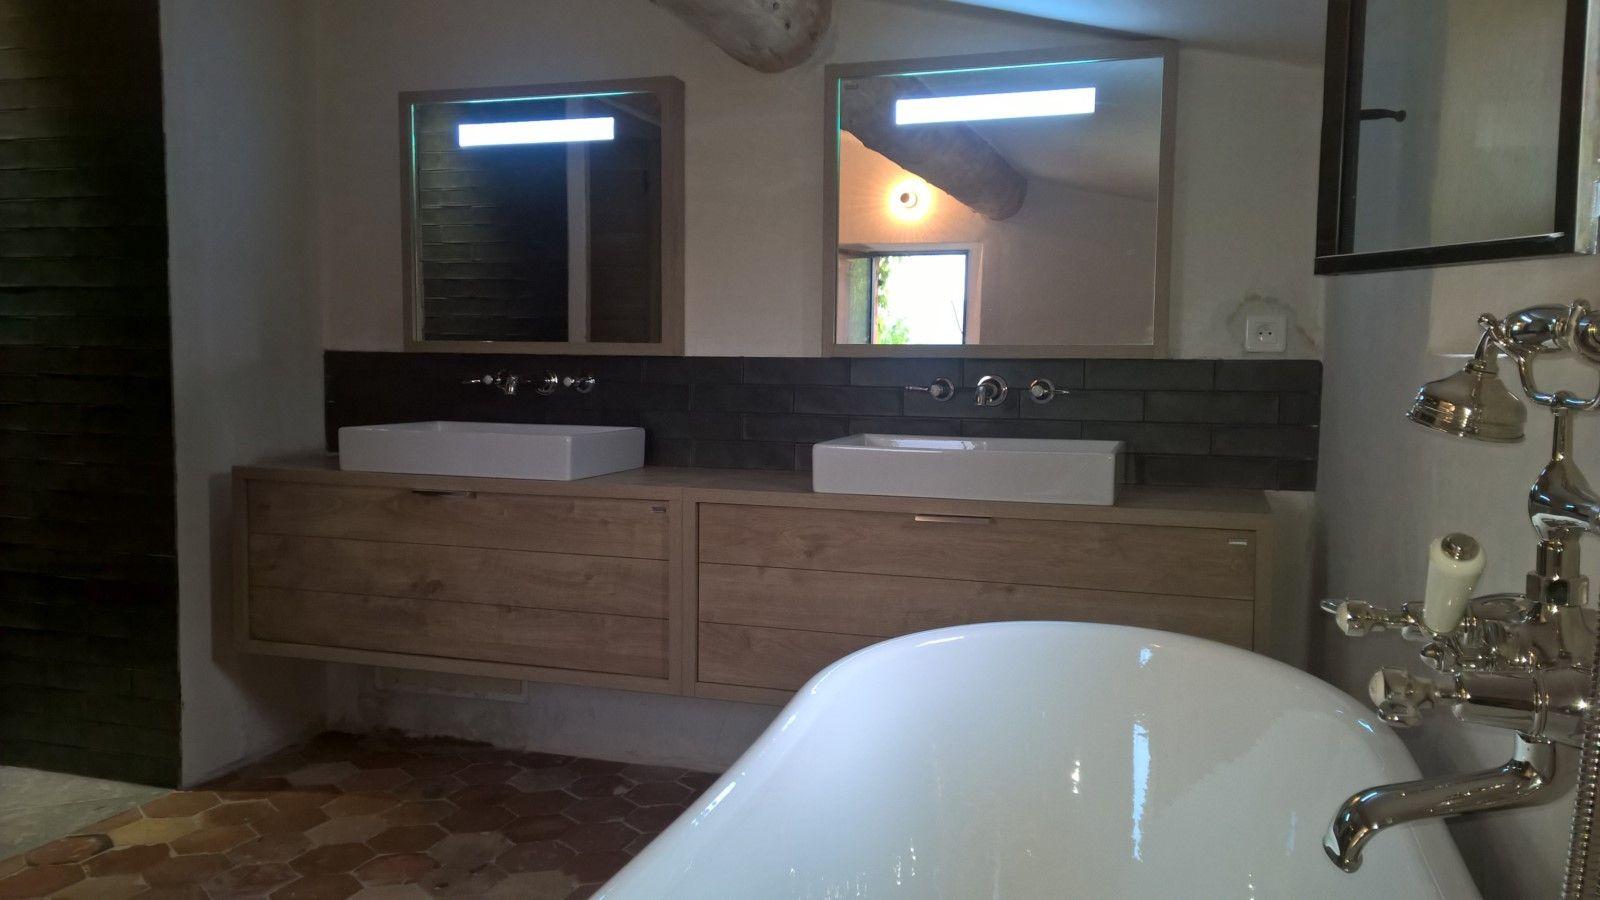 Salle De Bain Vasque Ilot ~ r alisation d une salle de bains avec baignoire ilot en fonte